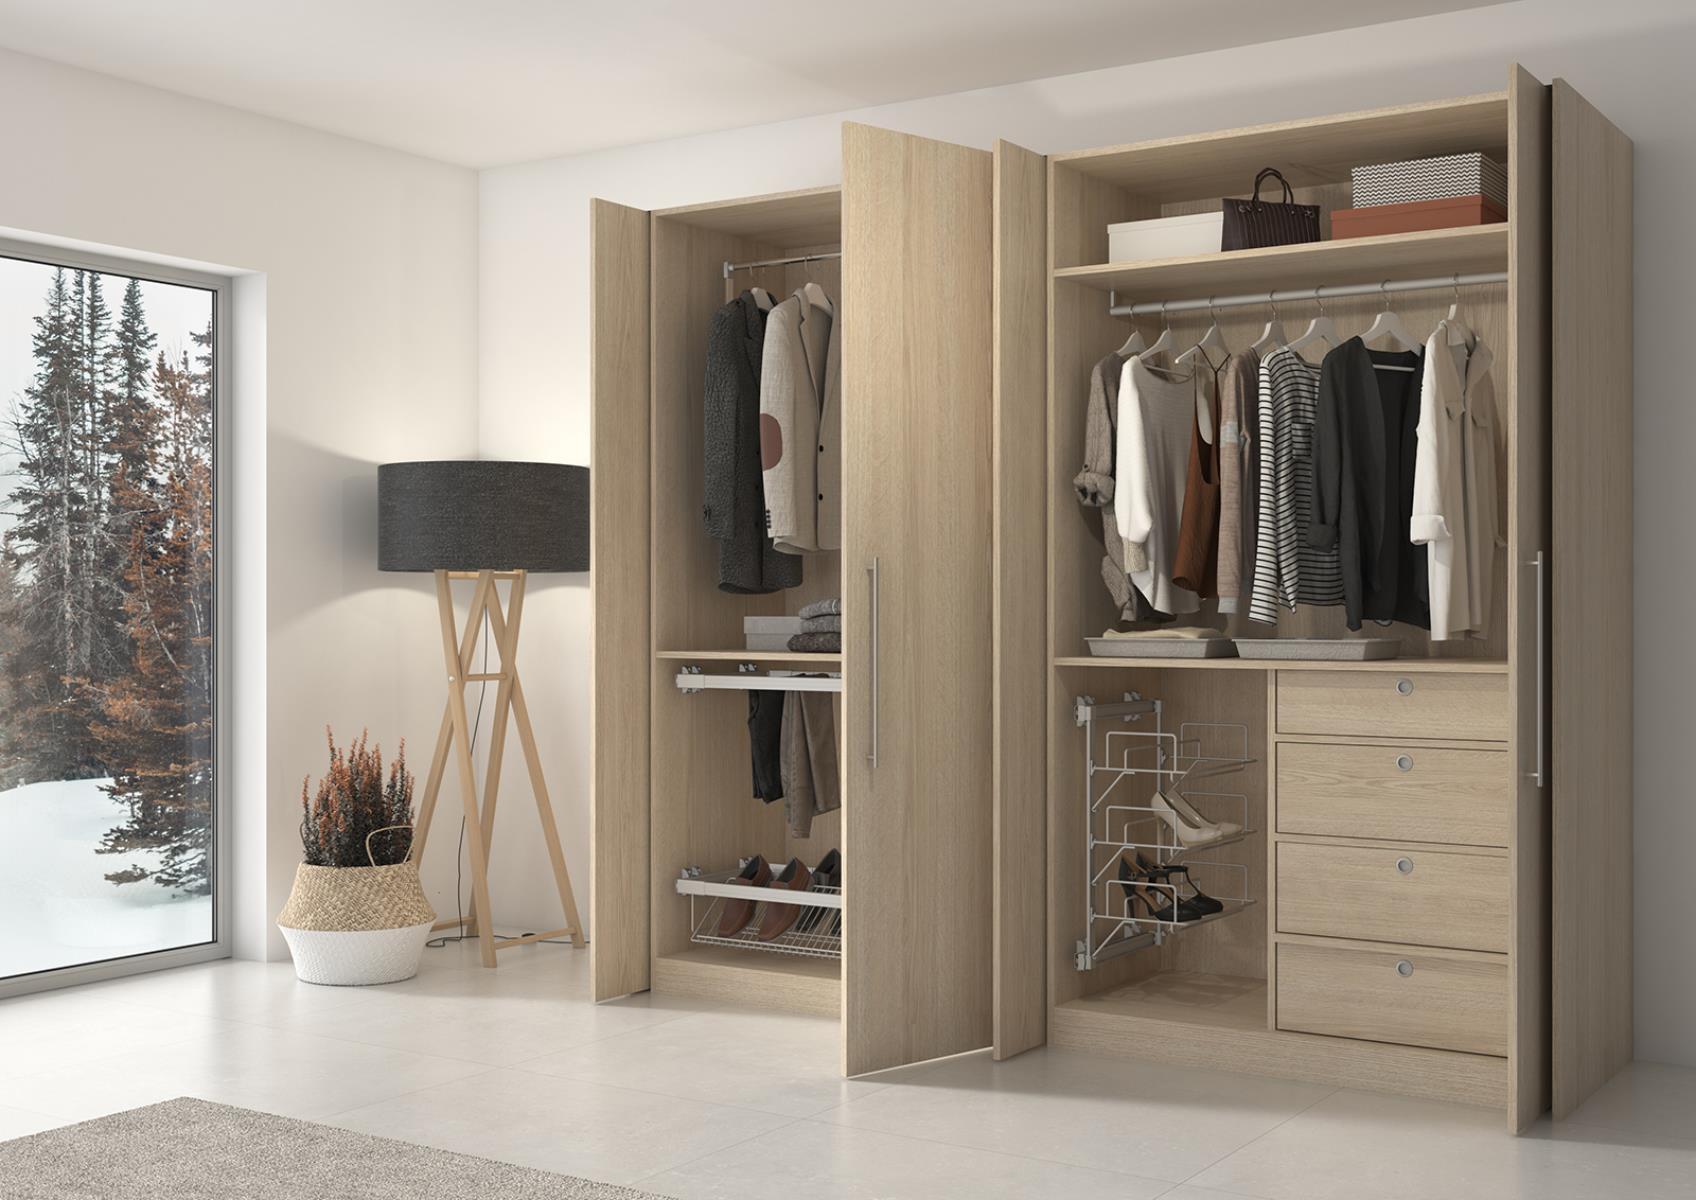 ardis-3d-render-para-diseño-de-muebles